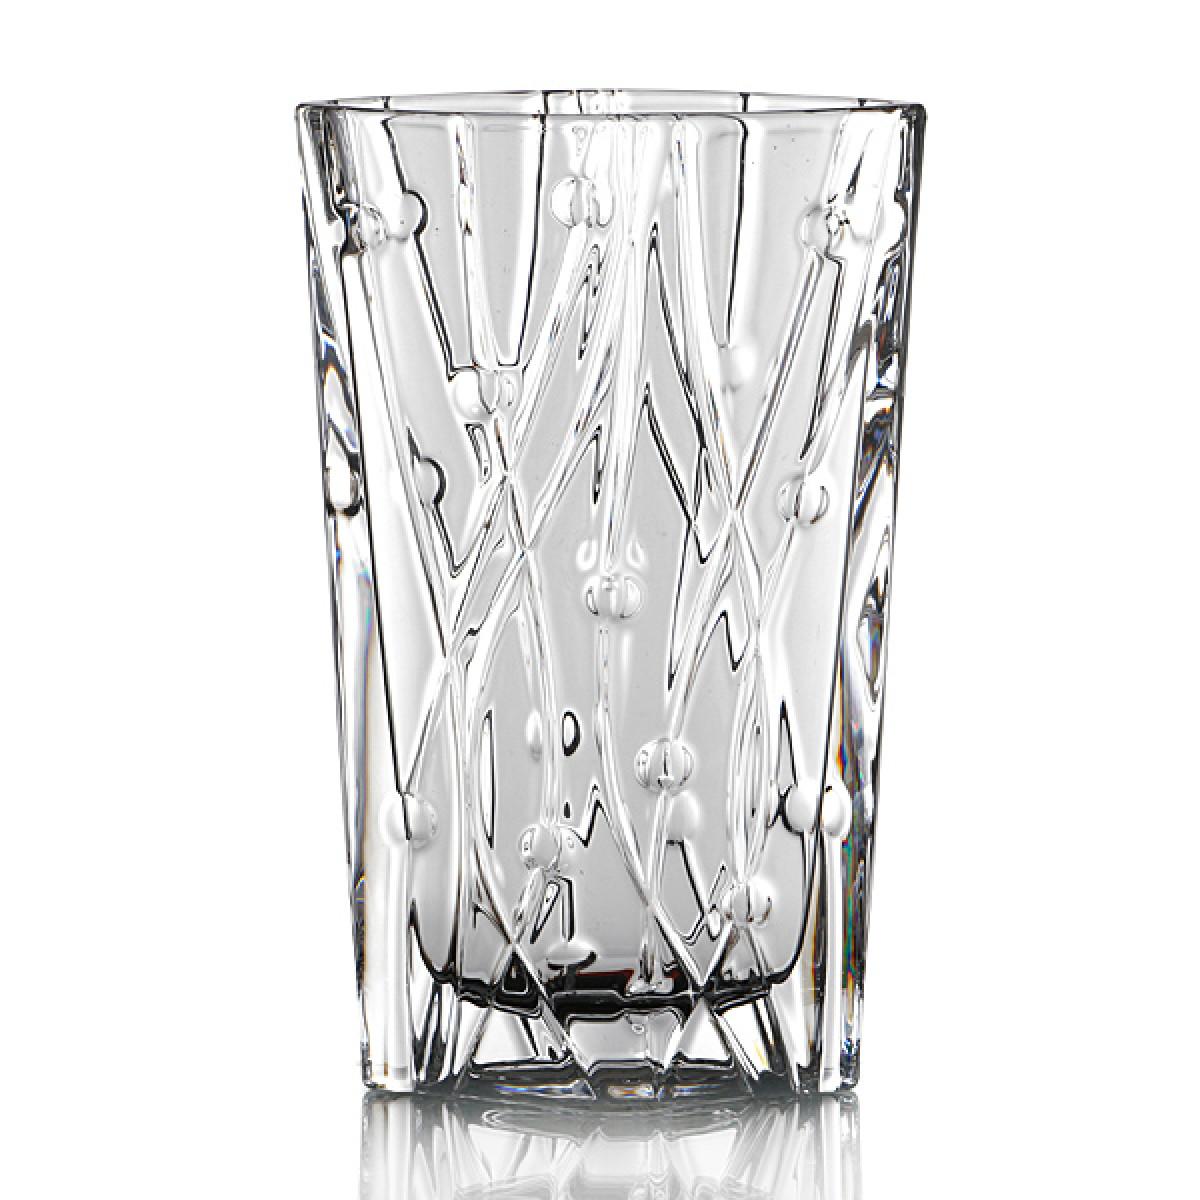 {} Crystalite Bohemia Ваза Steffie  (31 см) ваза для цветов 25 см crystalite bohemia ваза для цветов 25 см